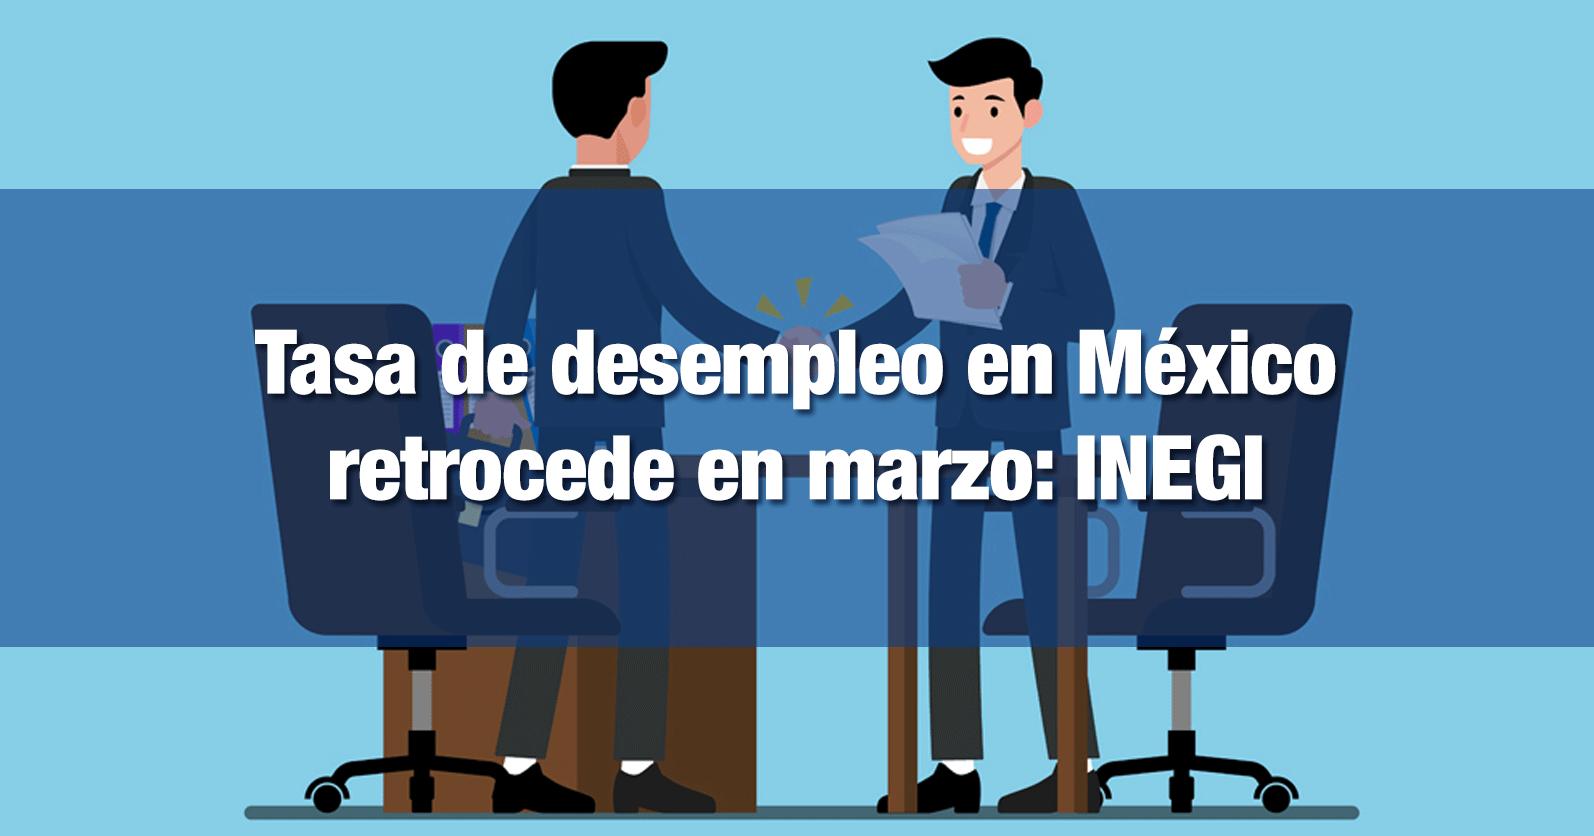 Tasa de desempleo en México retrocede en marzo: Inegi